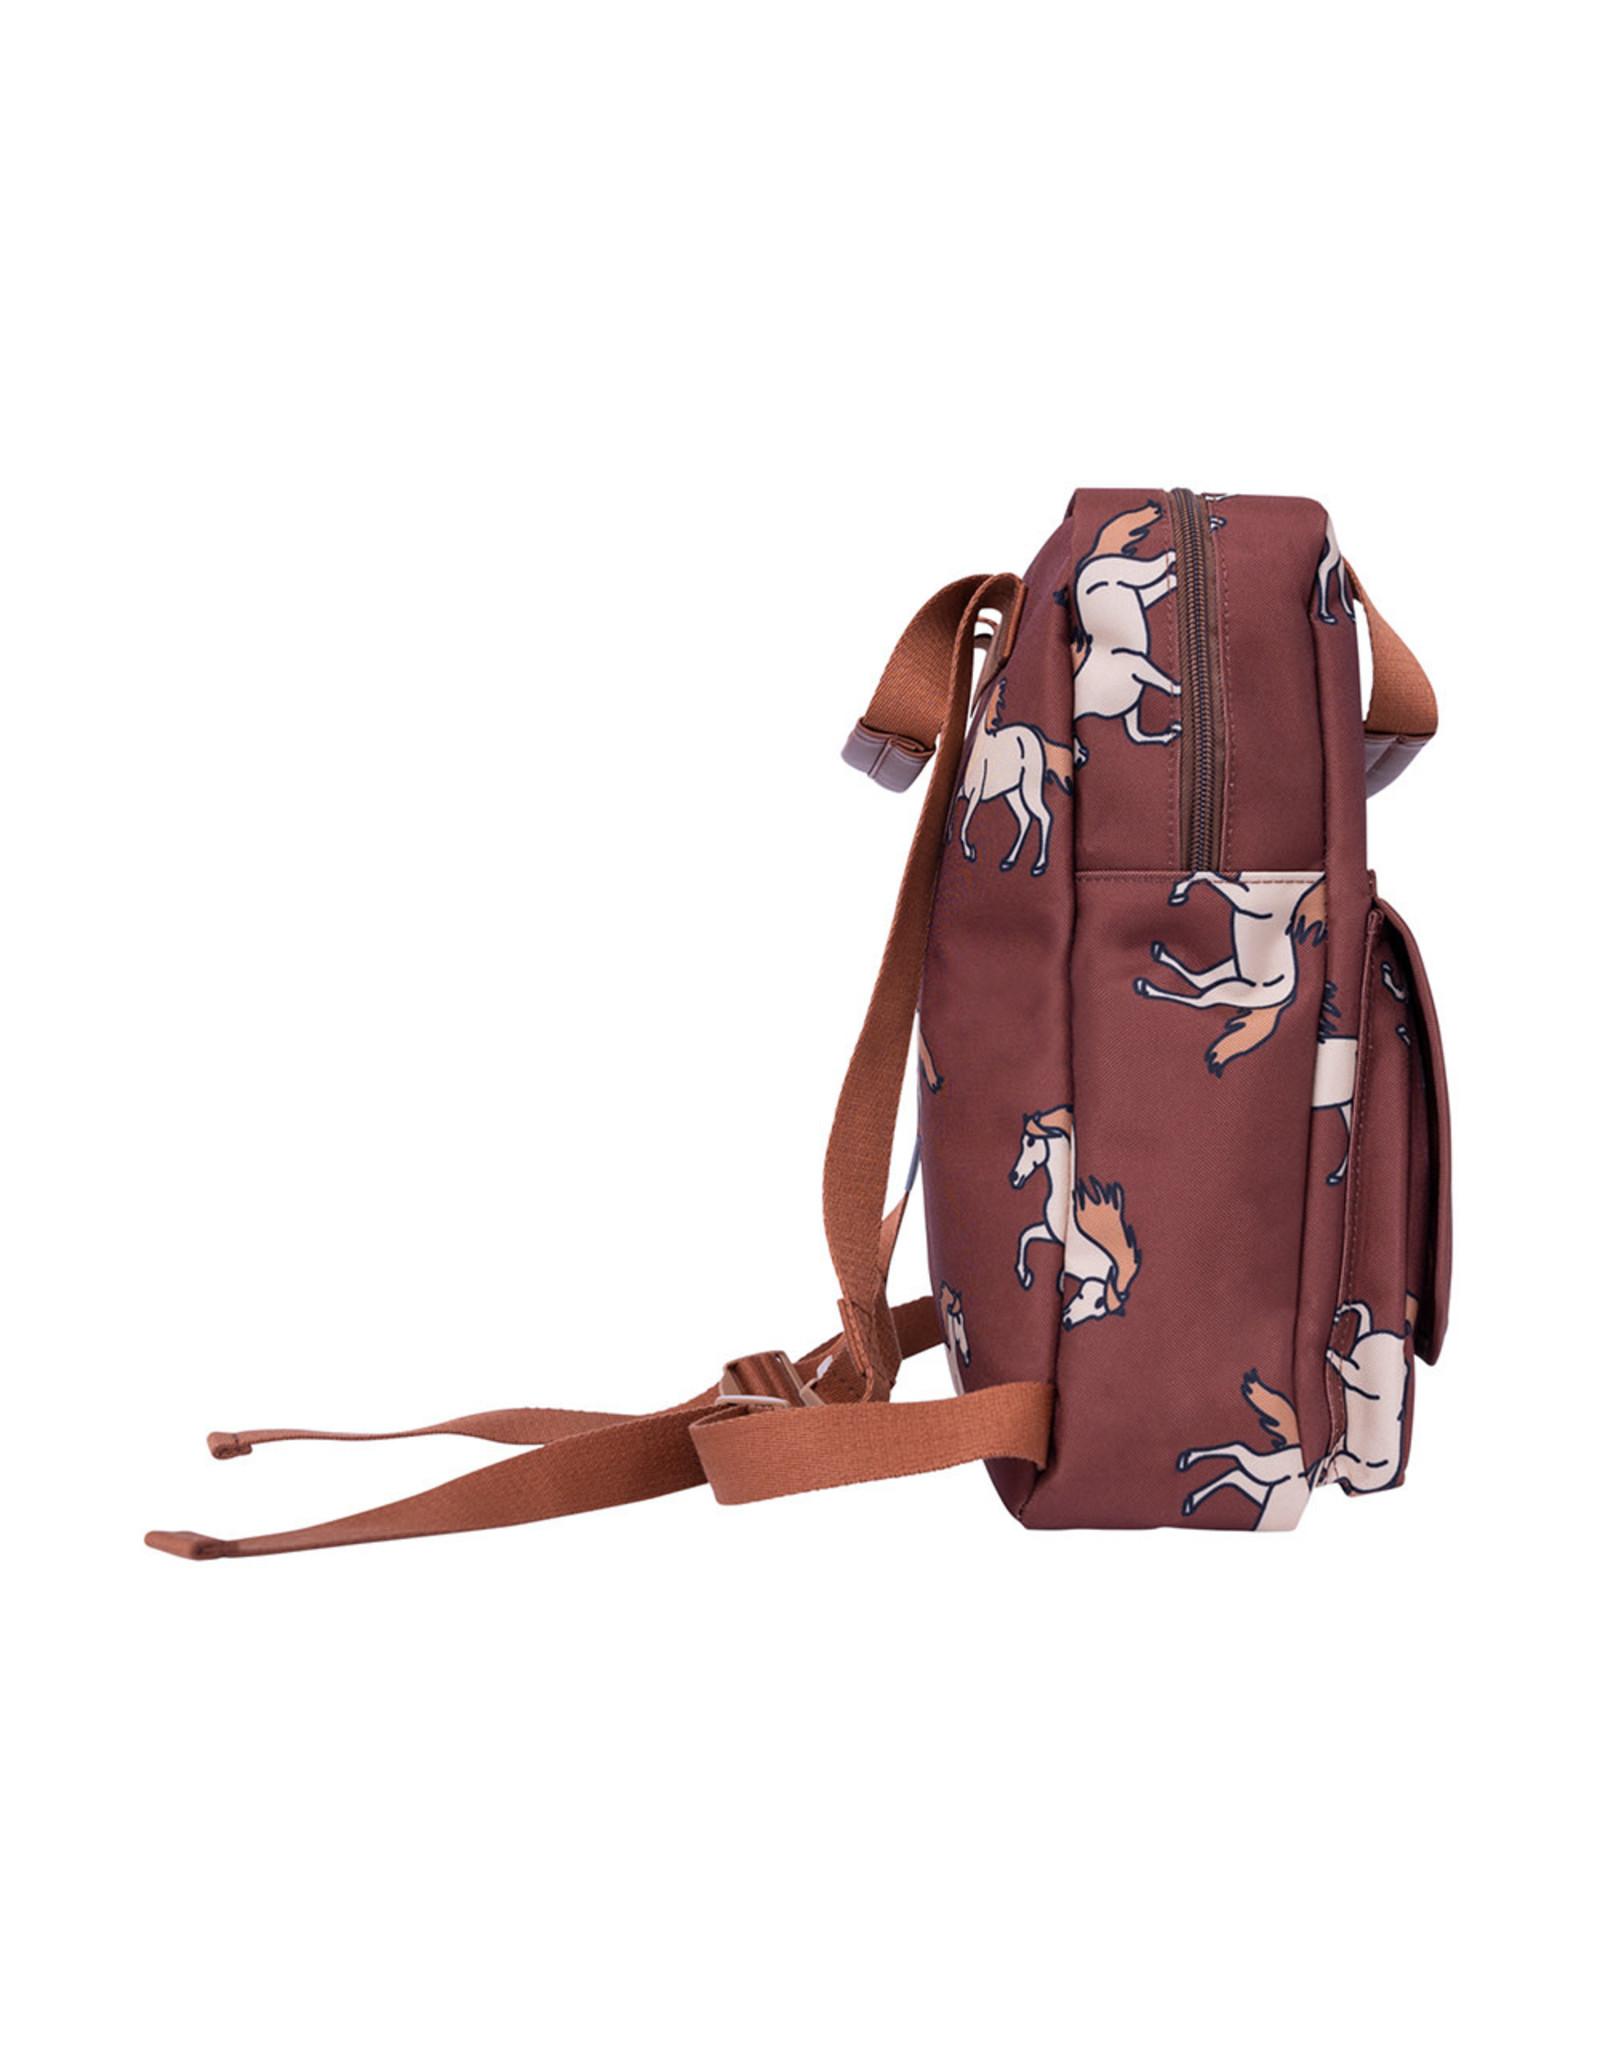 Carlijn Q Carlijn Q Backpack Wild Horses